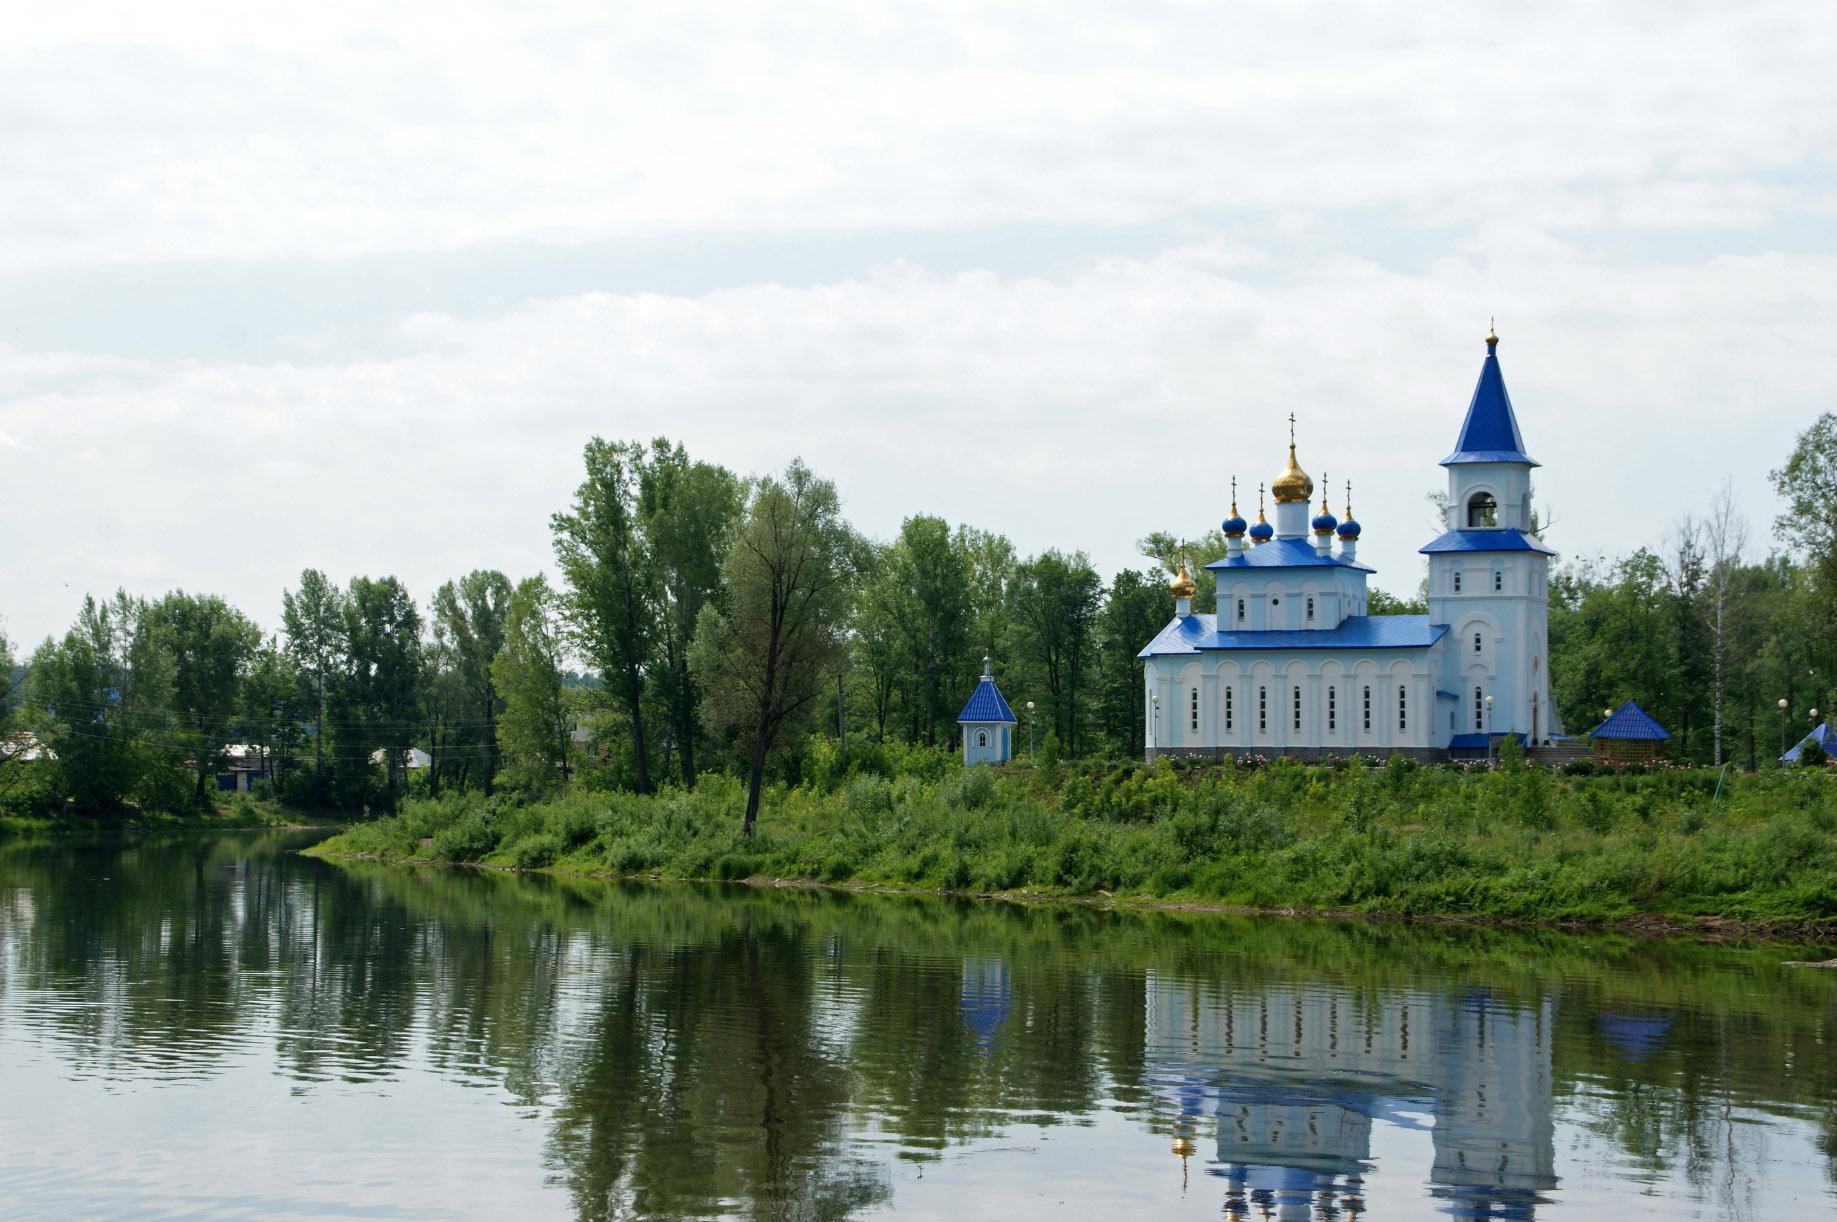 Церковь Казанской иконы Божьей матери в Аше (02.02.2015)